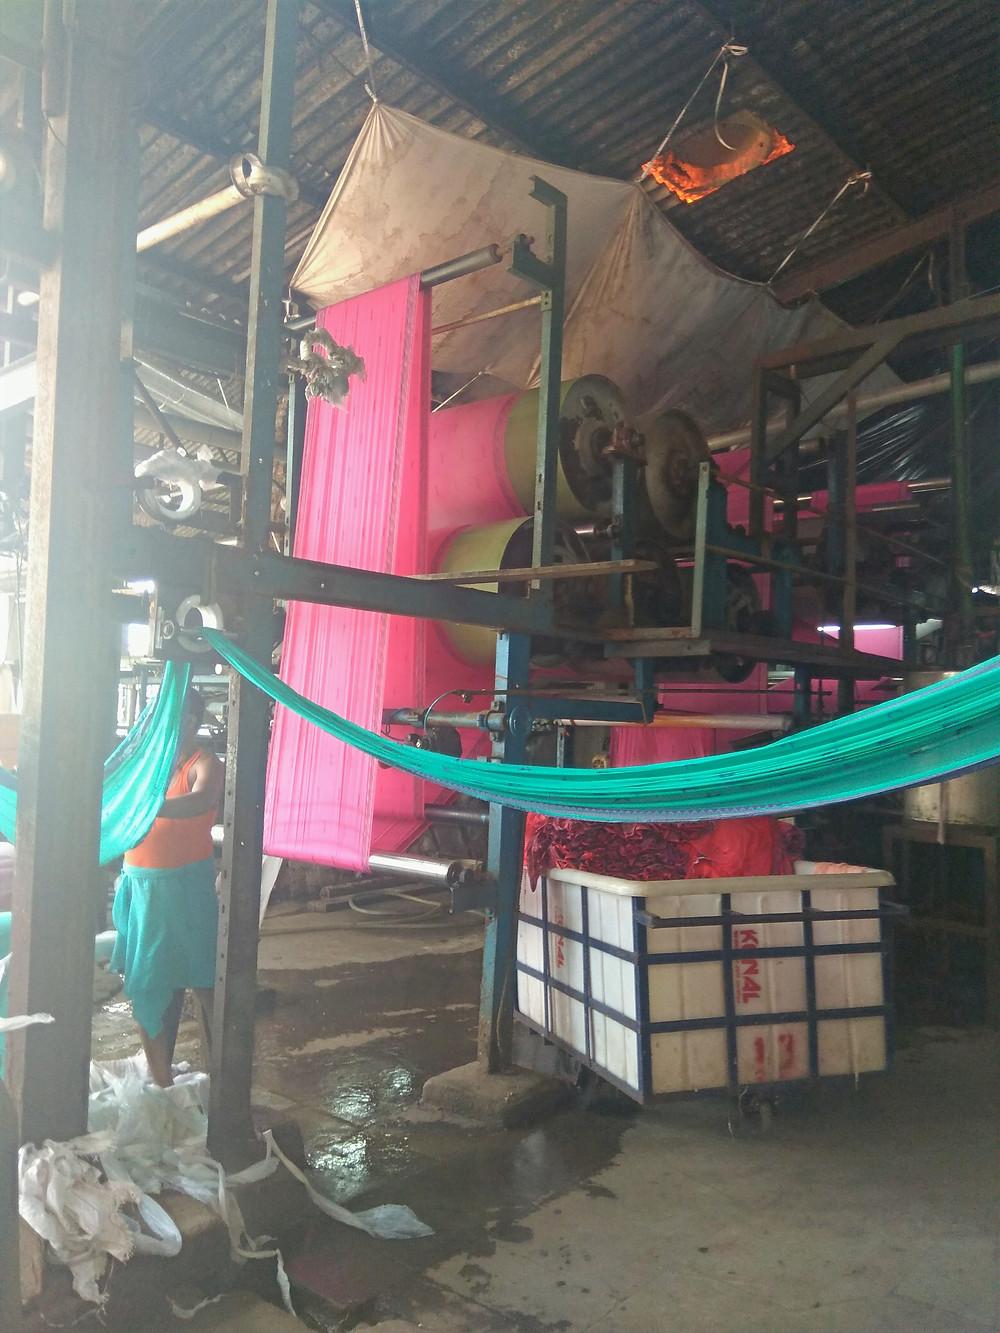 עובד במכנסים קצרים וכפכפים לצד חומרים מסוכנים במפעל טקסטיל בהודו